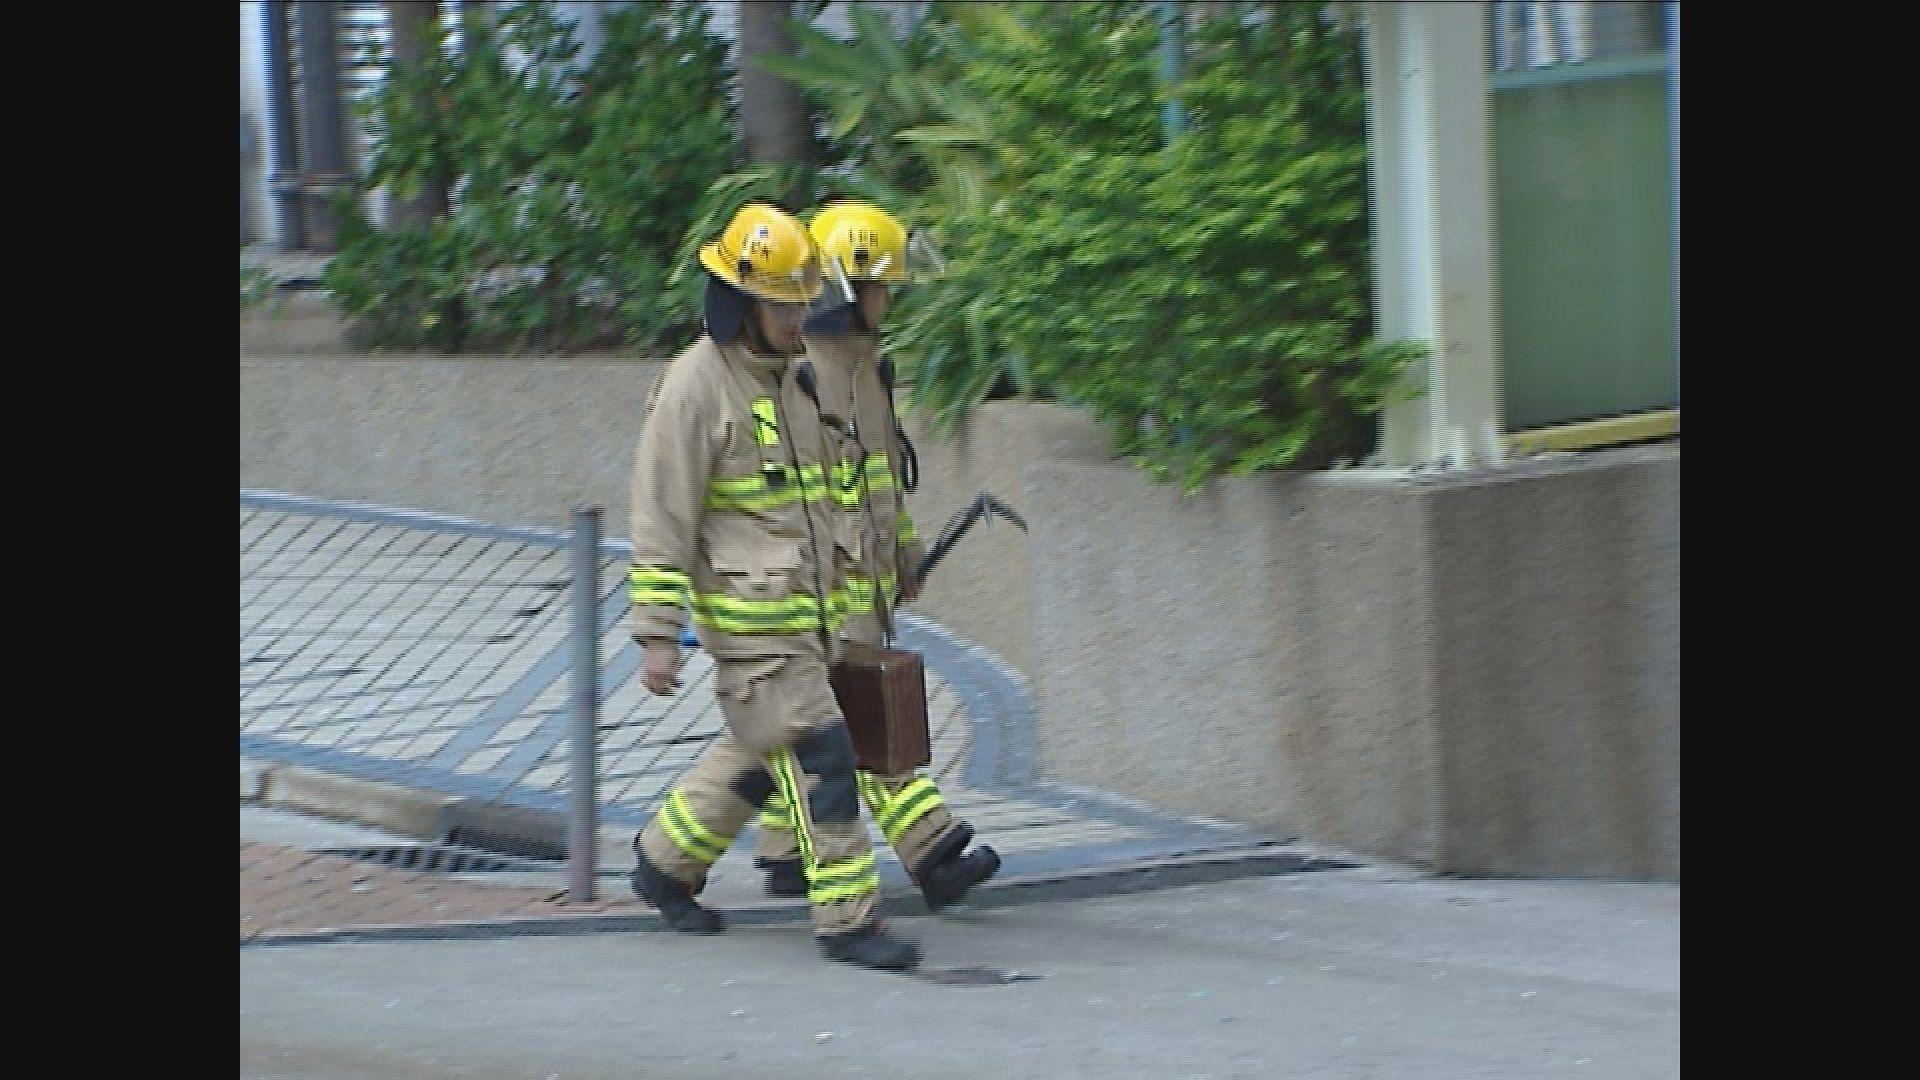 死因裁判官質疑消防員無按指引戴上裝備